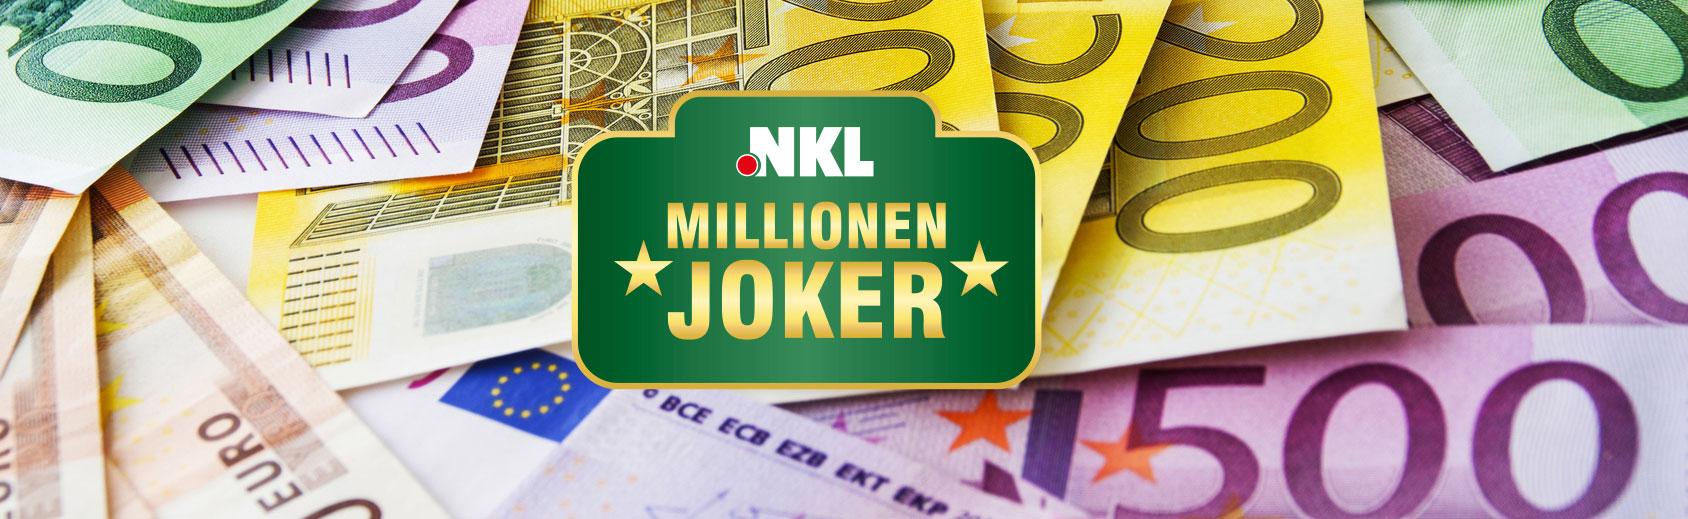 NKL Millionen-Joker